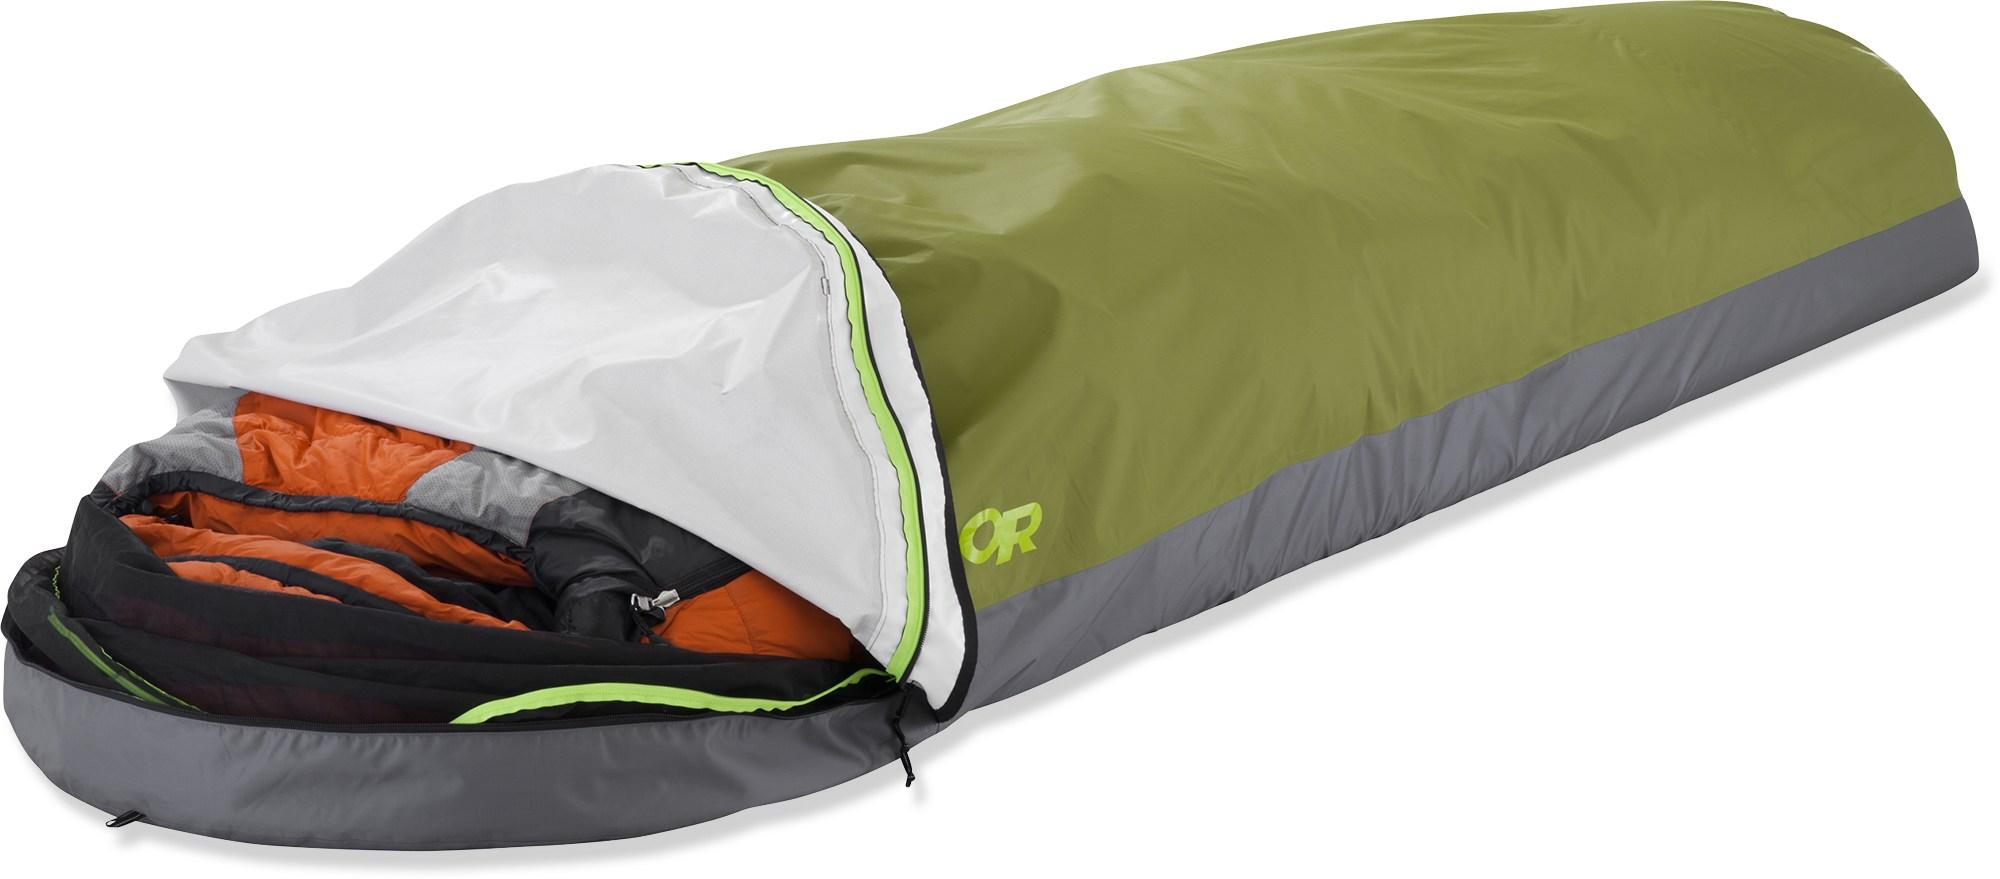 Outdoor Research Molecule Bivy Bag Long Adventure Gear